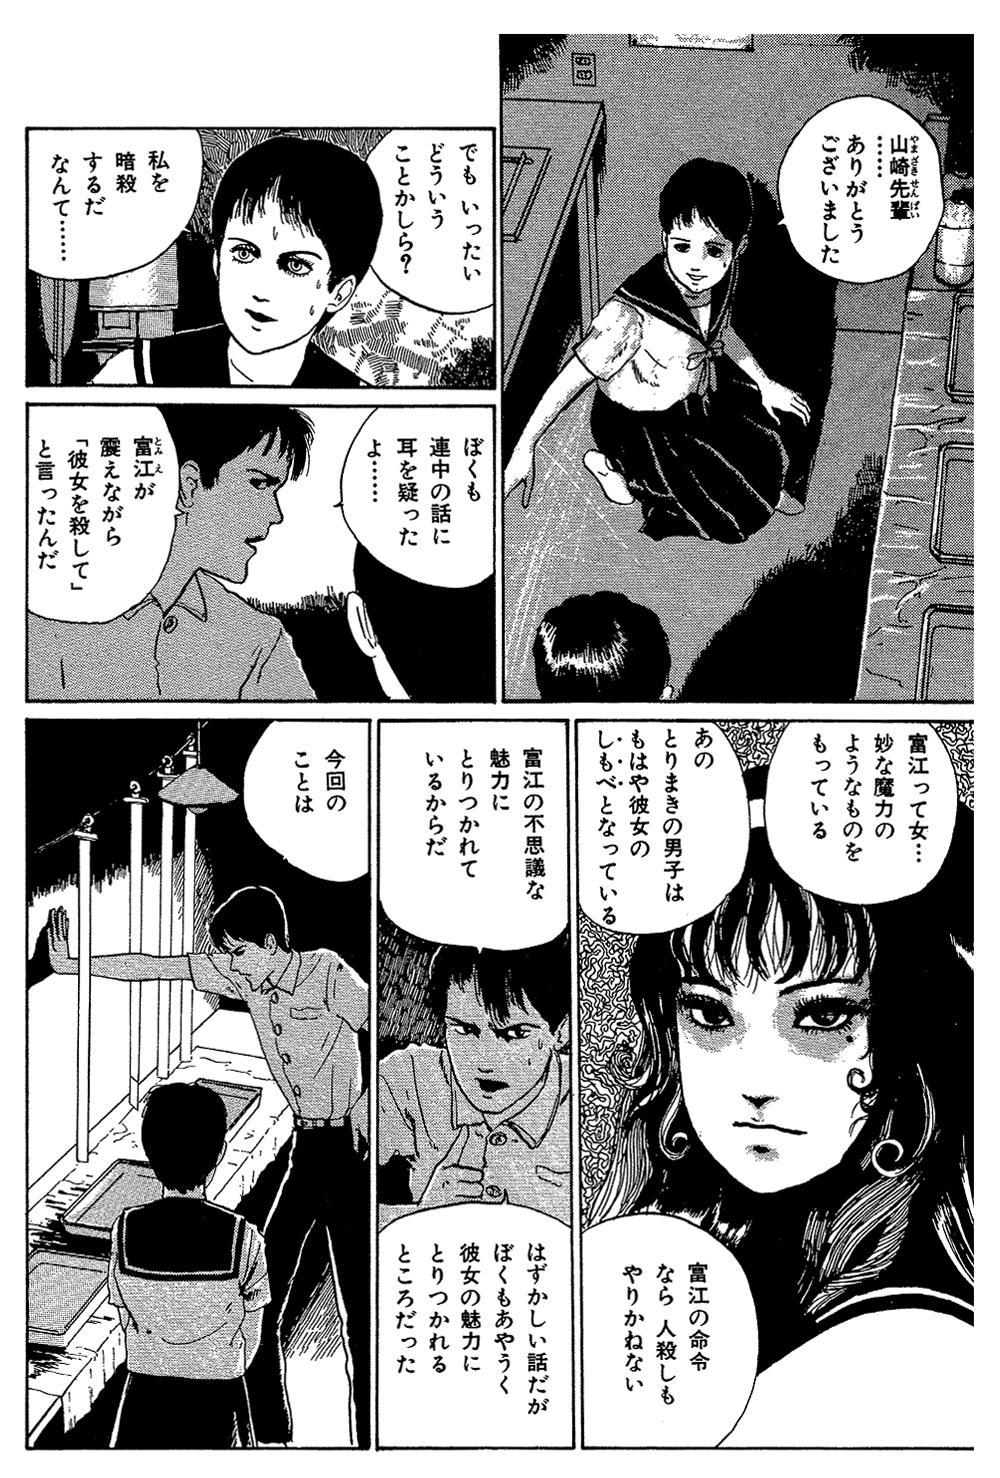 伊藤潤二傑作集 第4話「富江 写真」③junji12-11.jpg